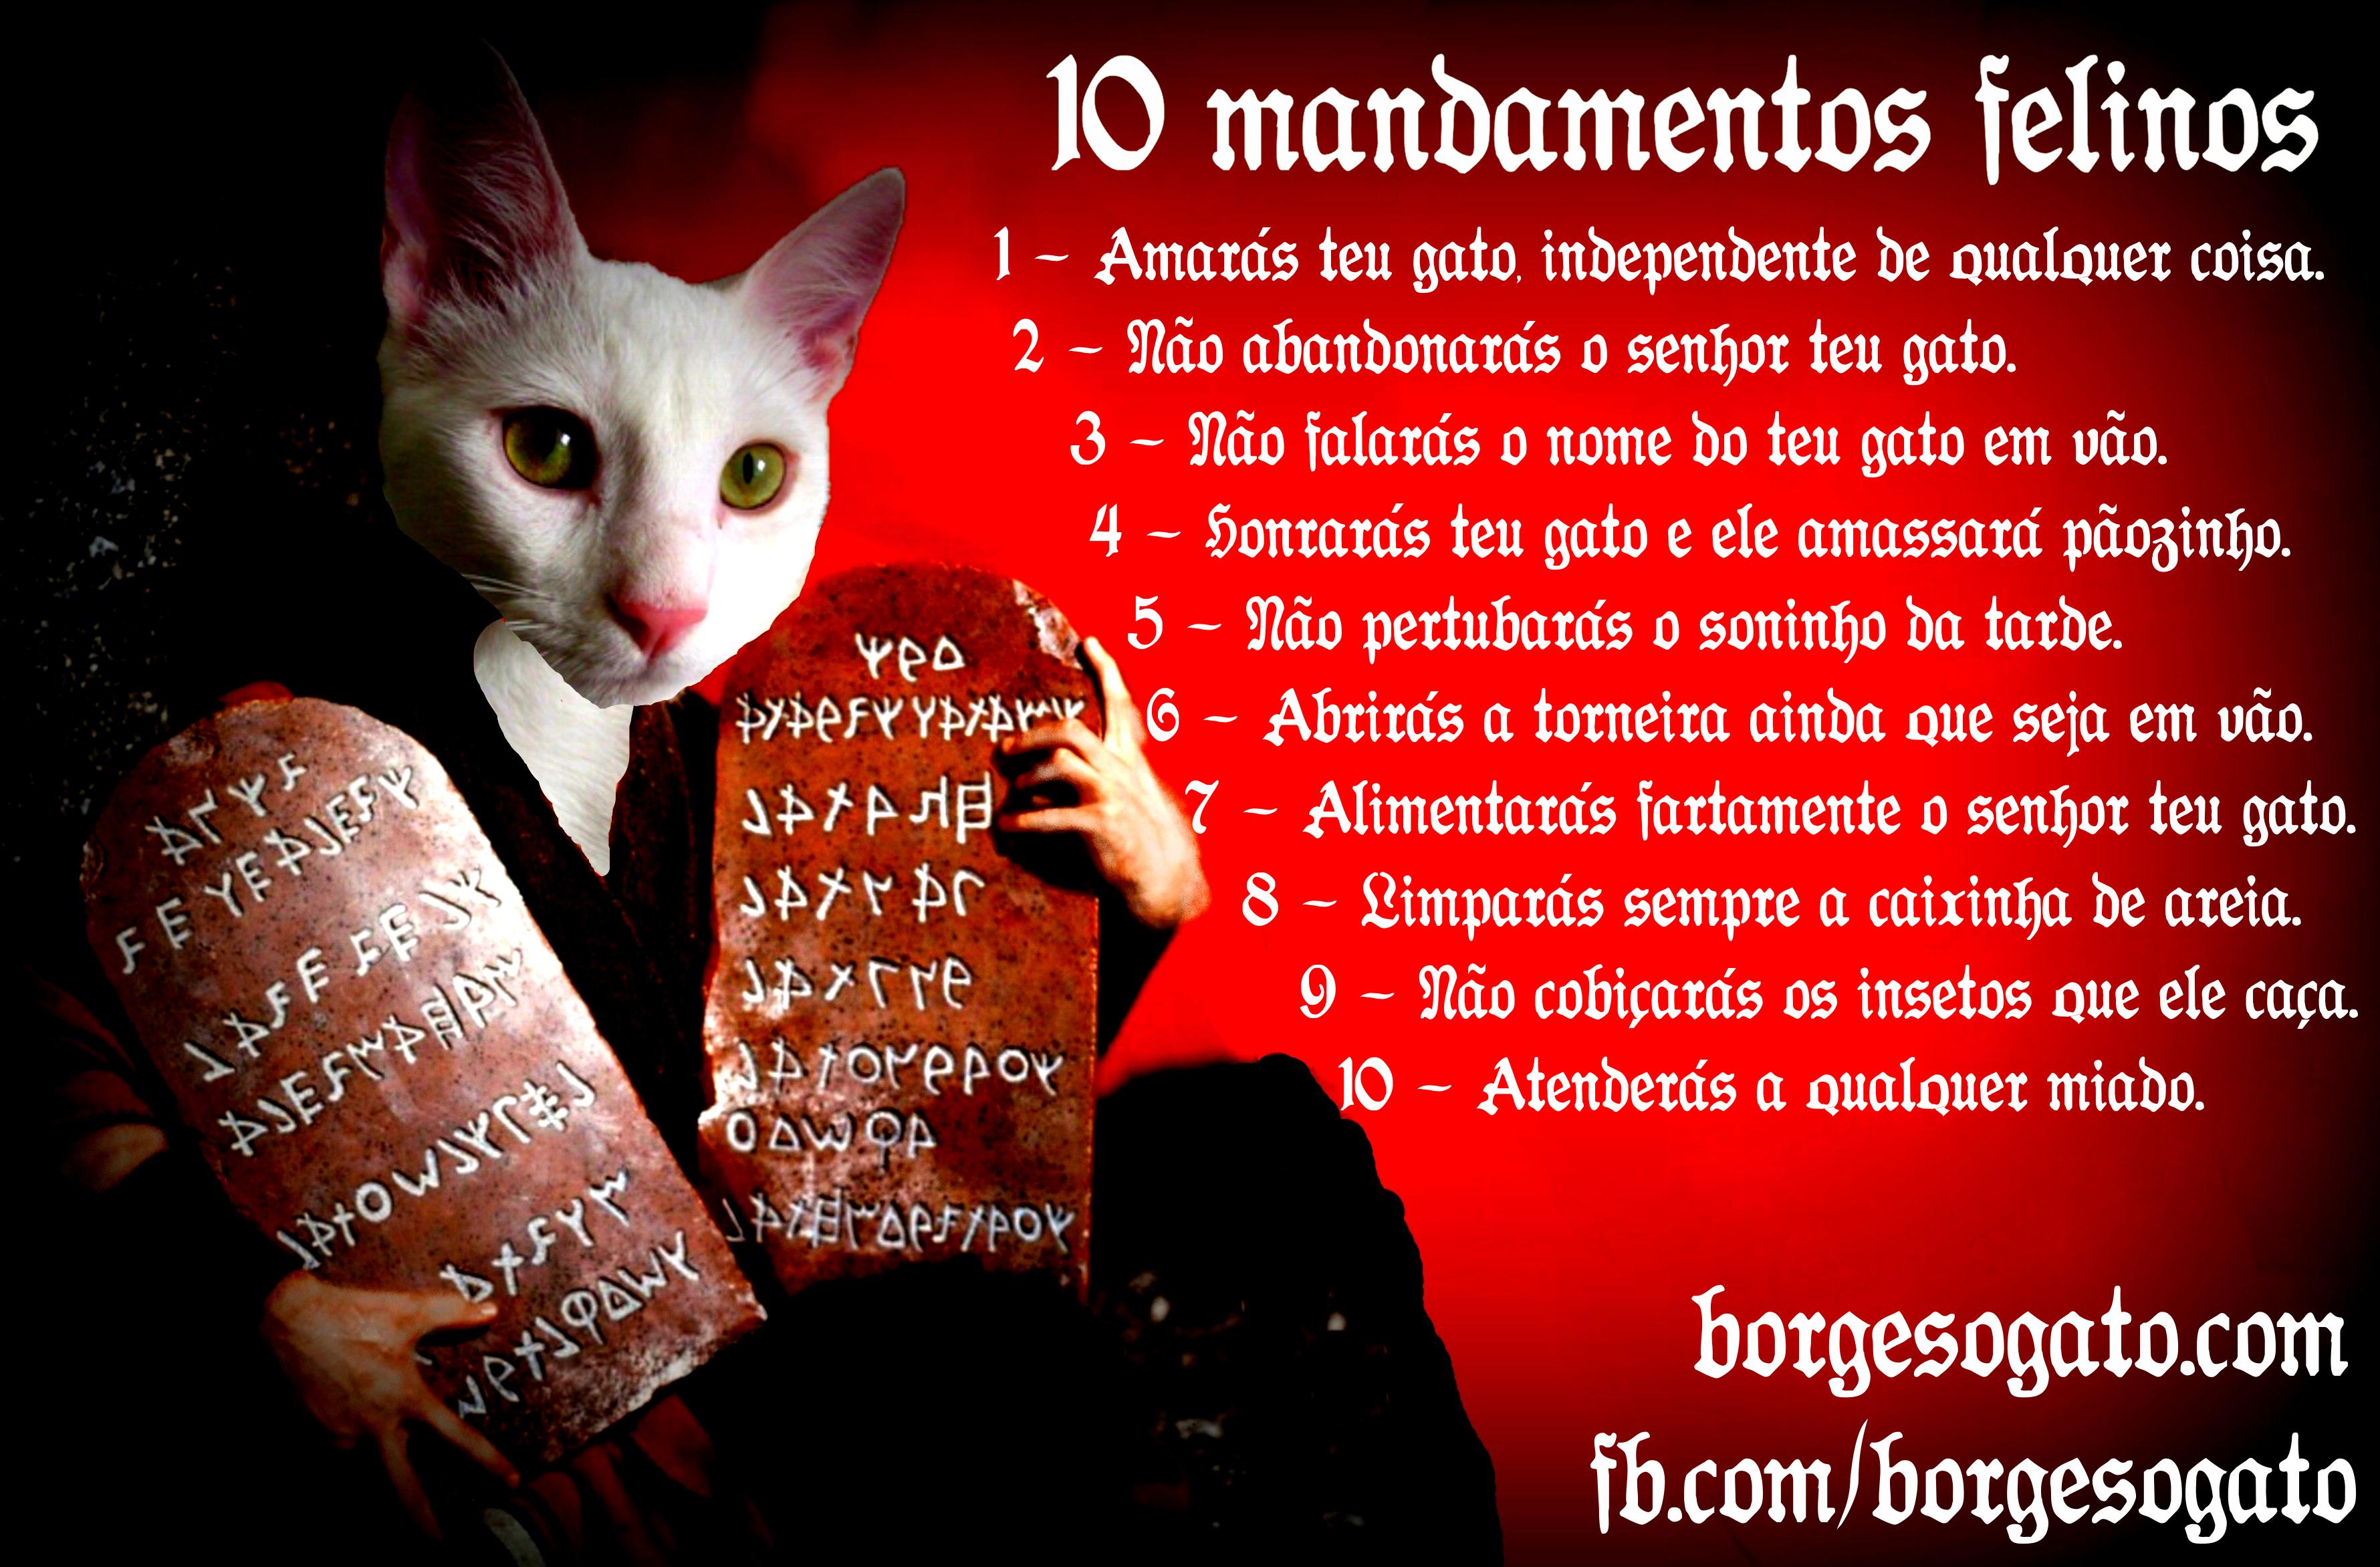 10 mandamentos felinos2